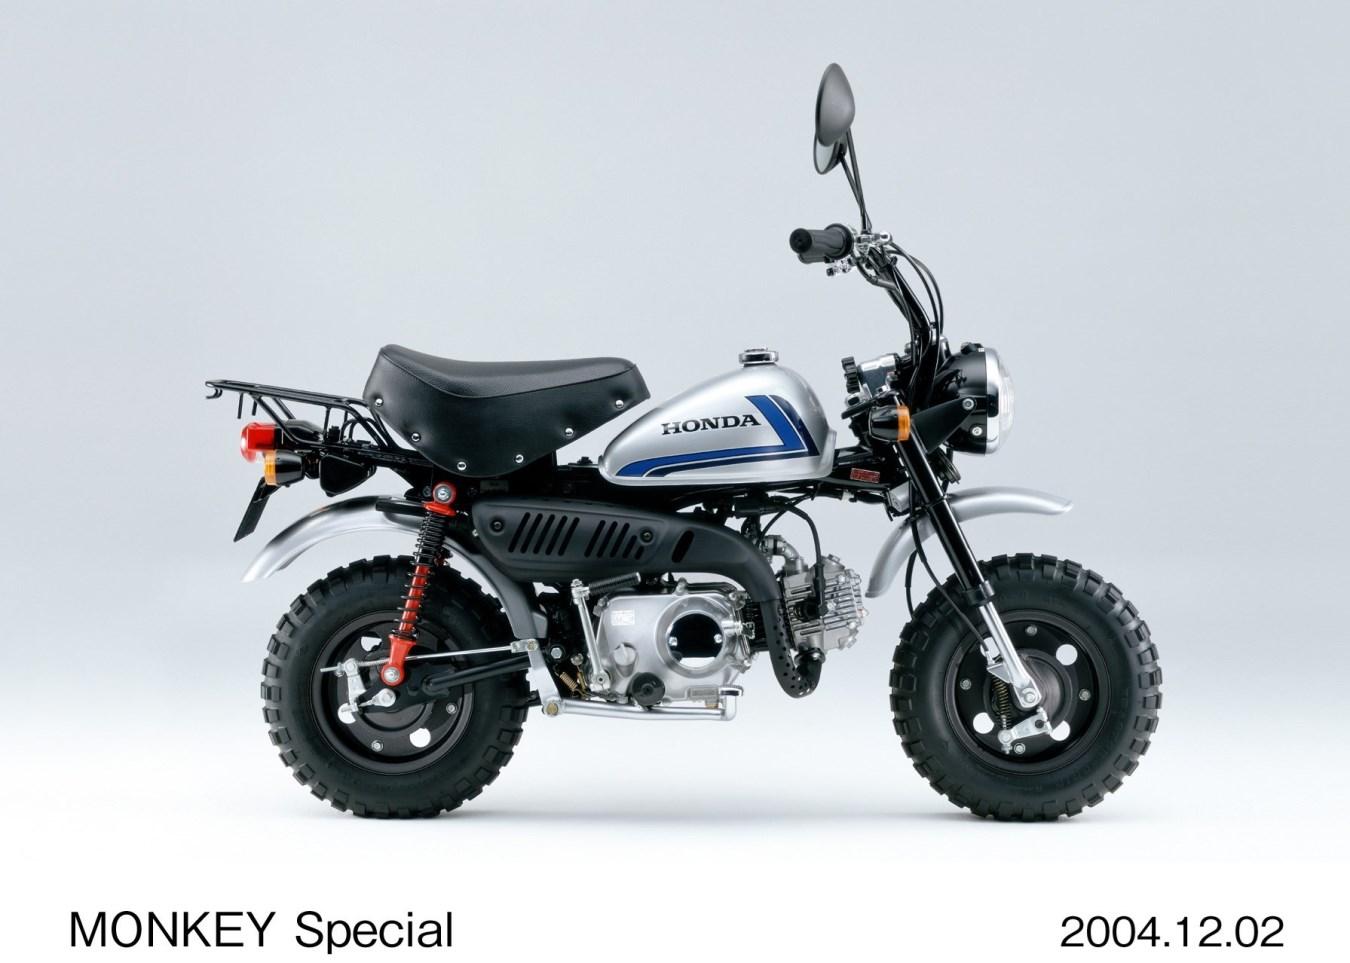 2004 - גרסה מיוחדת לכבוד פרדי ספנסר בצבעי ה-CB750F שאיתו ניצח ספנסר את הדייטונה 100